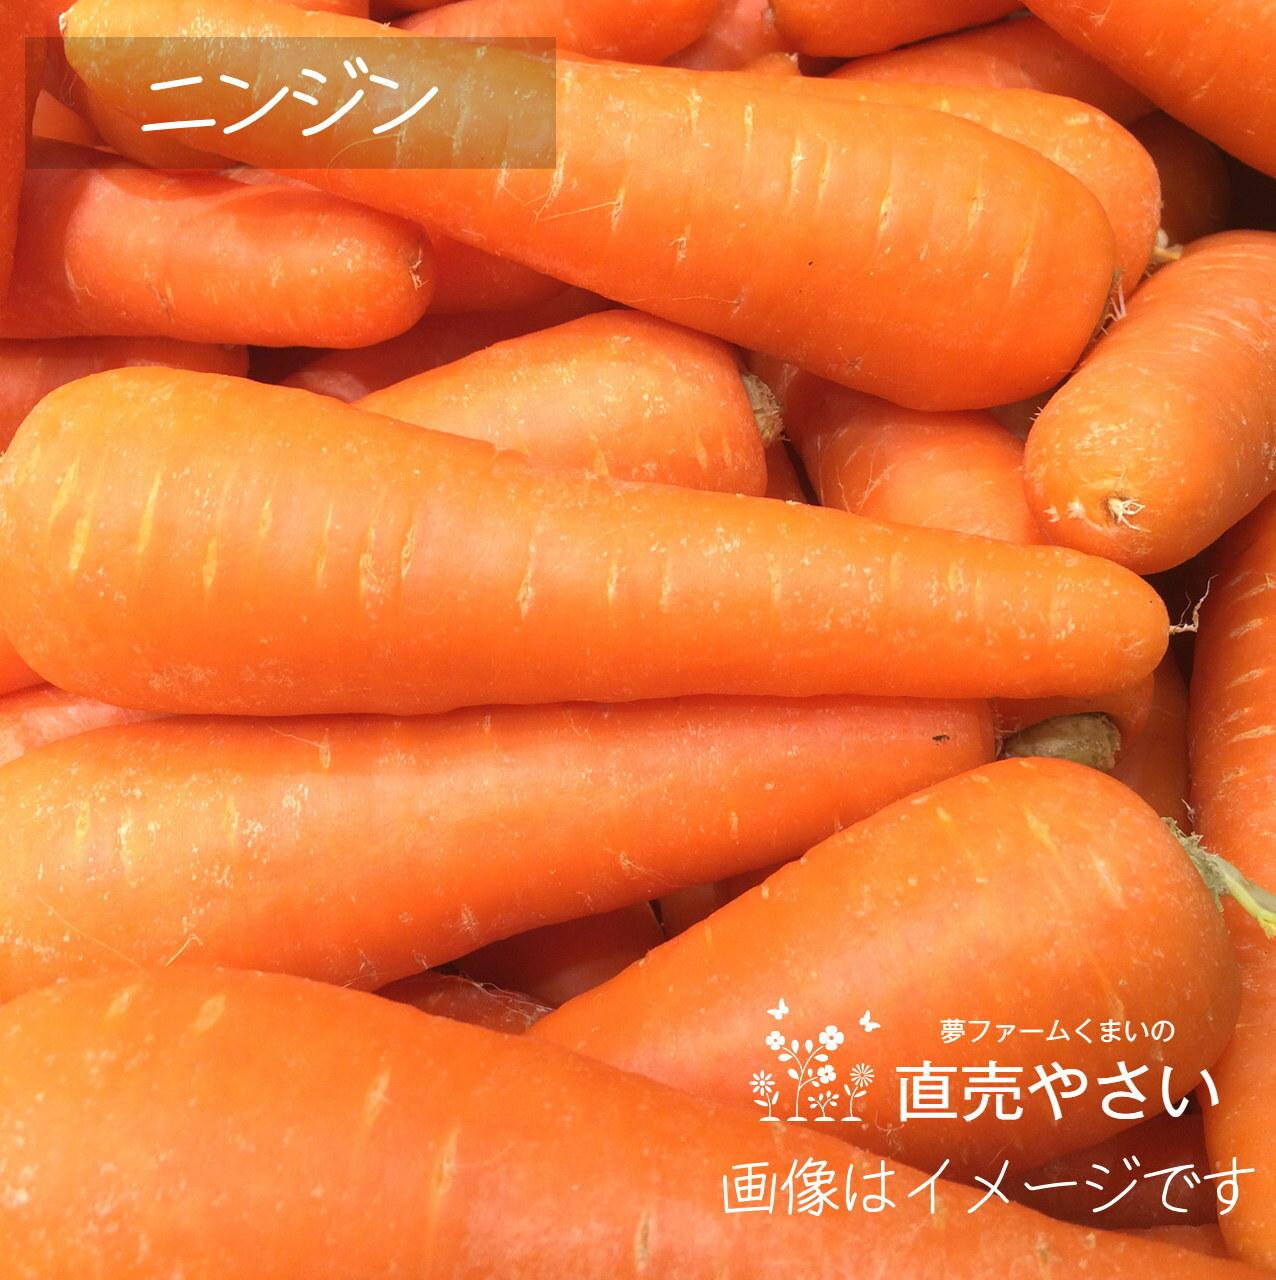 6月の新鮮野菜 : ニンジン 約400g  朝採り直売野菜 6月27日発送予定